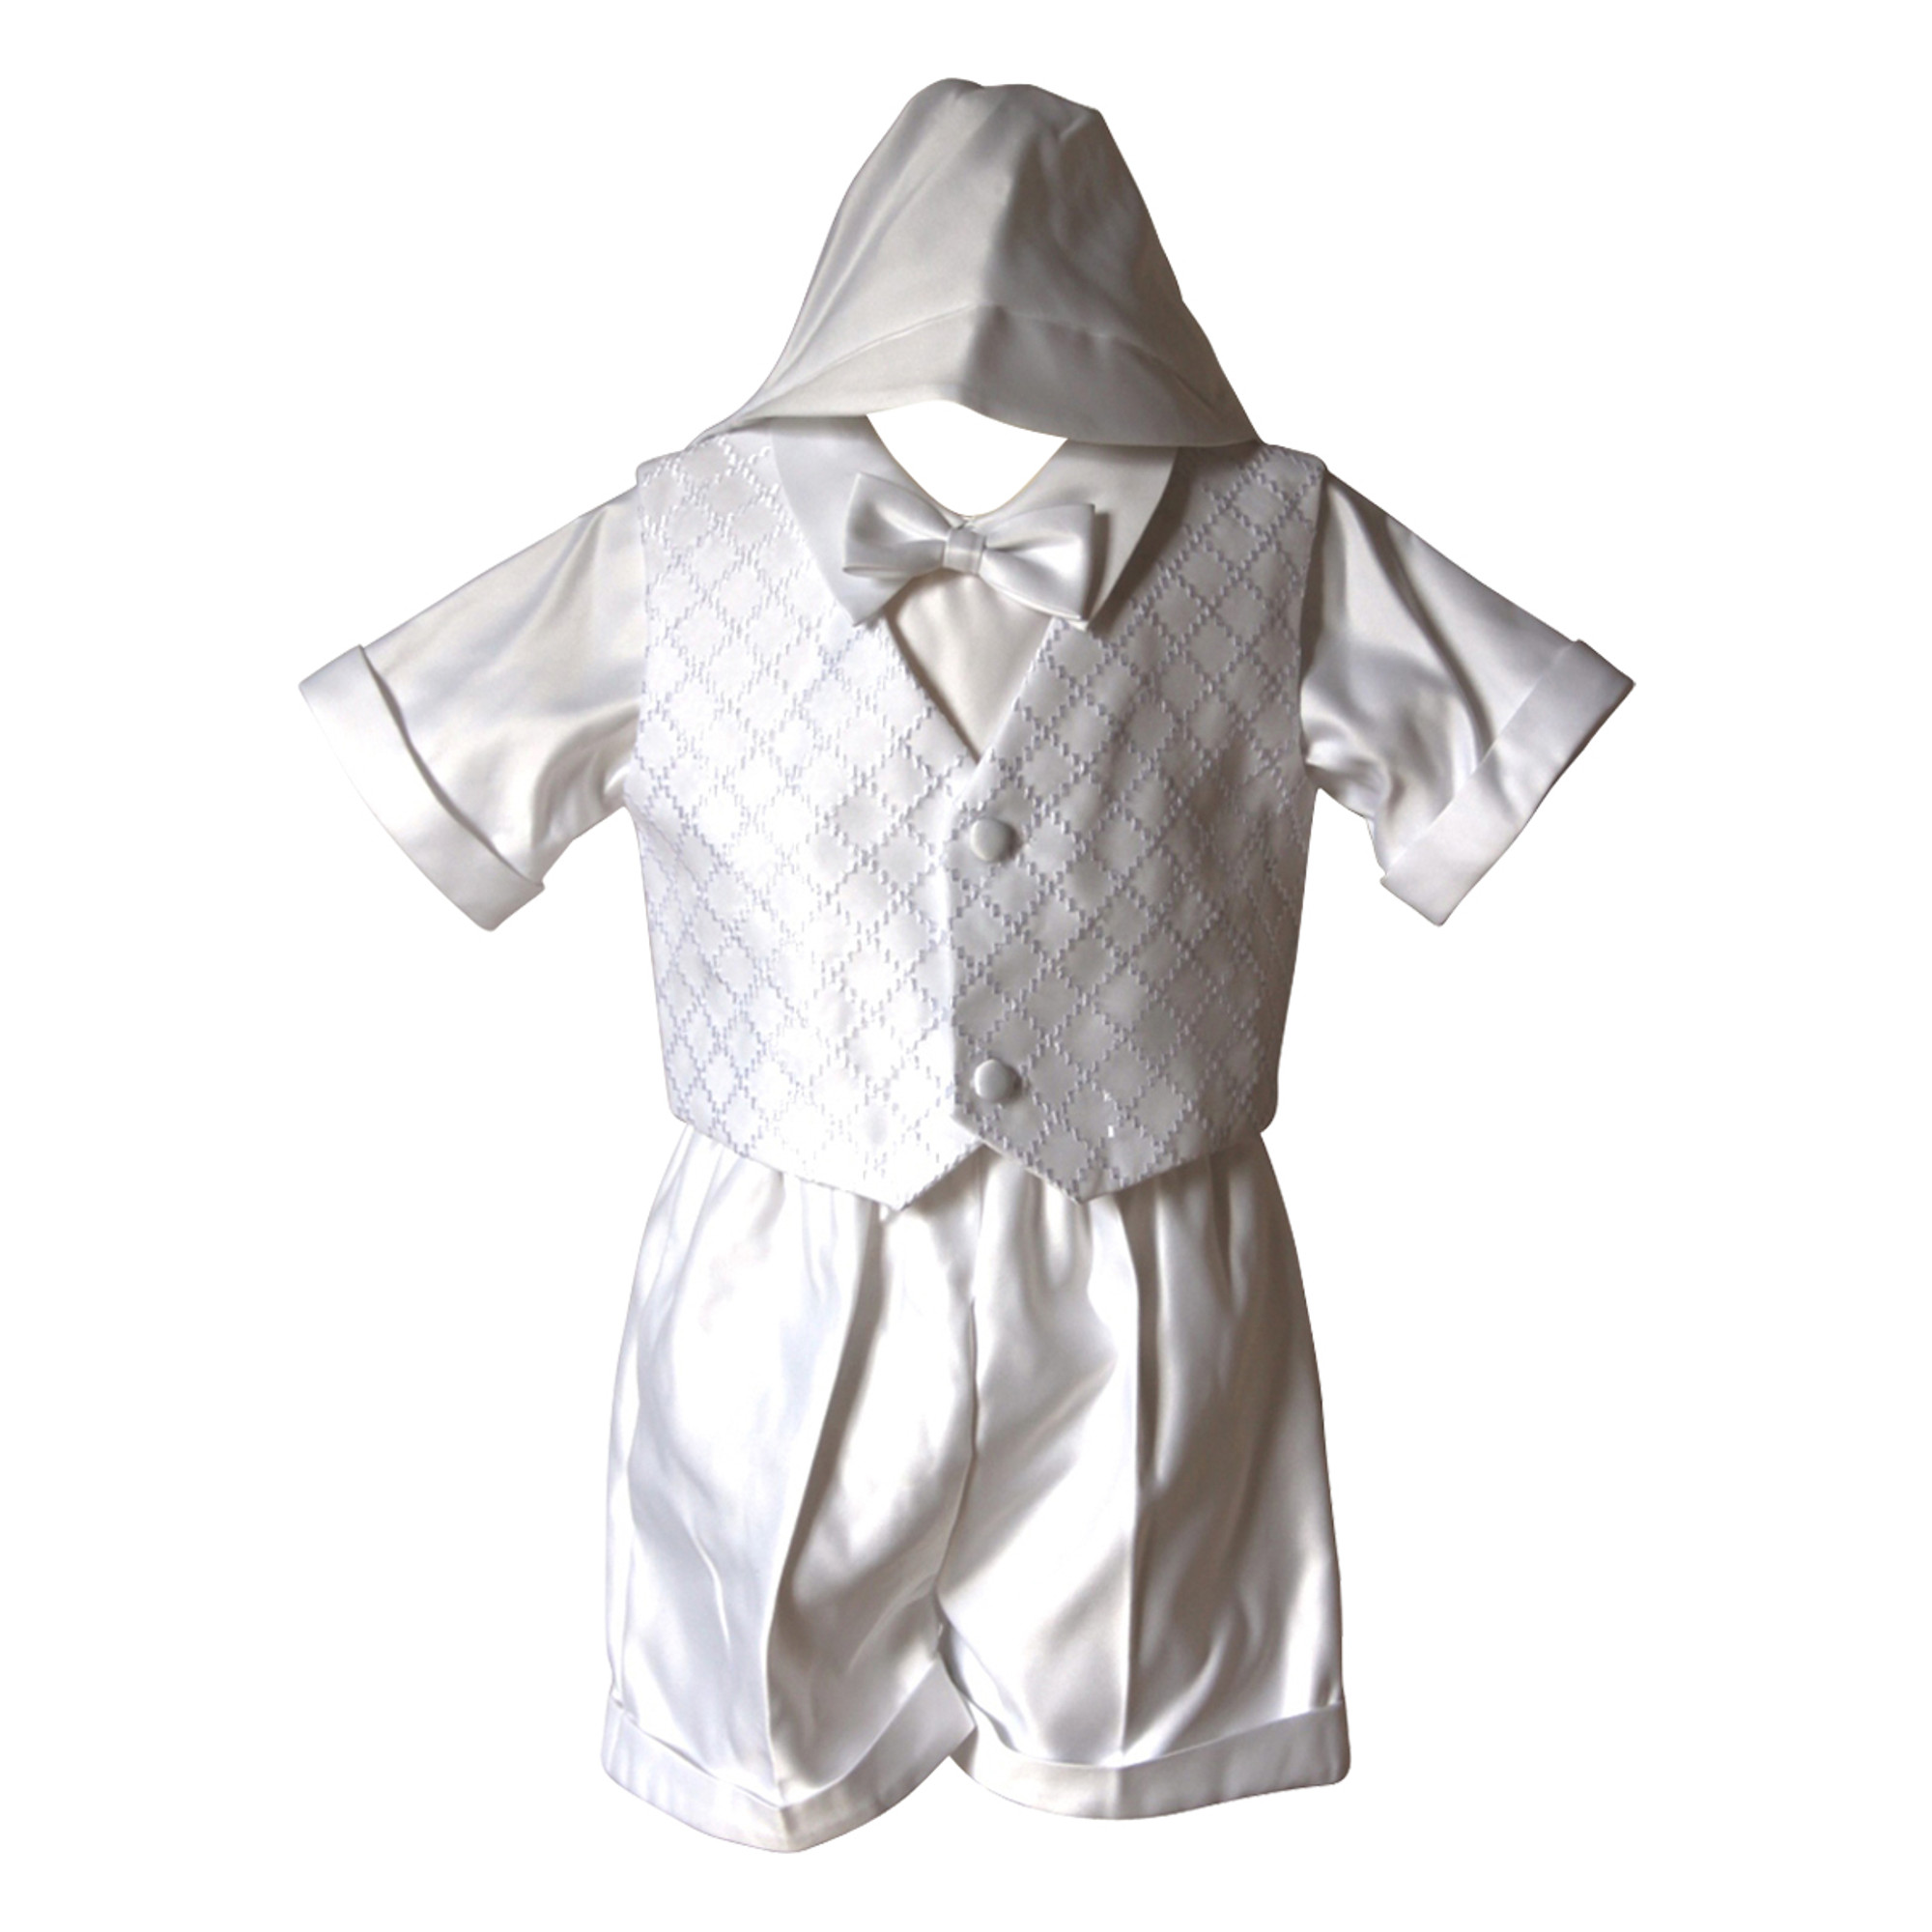 BIMARO Baby Jungen Taufanzug Silas weiß 4teilig Set Satin Sommer kurze Hose Weste Hemdshirt Taufe Hochzeit 001